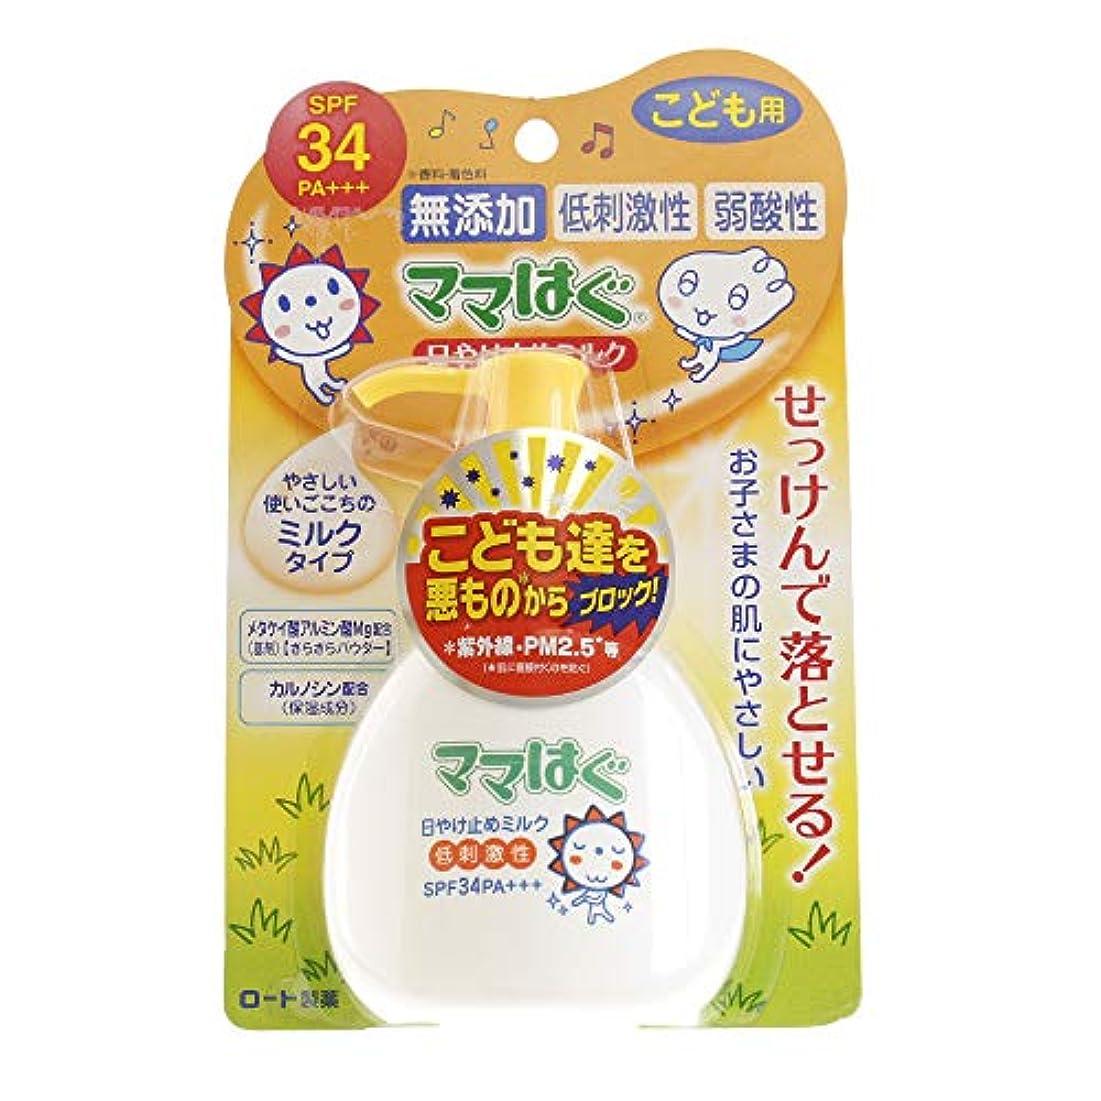 【ロート製薬】ママはぐ 日やけ止めミルク 100g ×3個セット